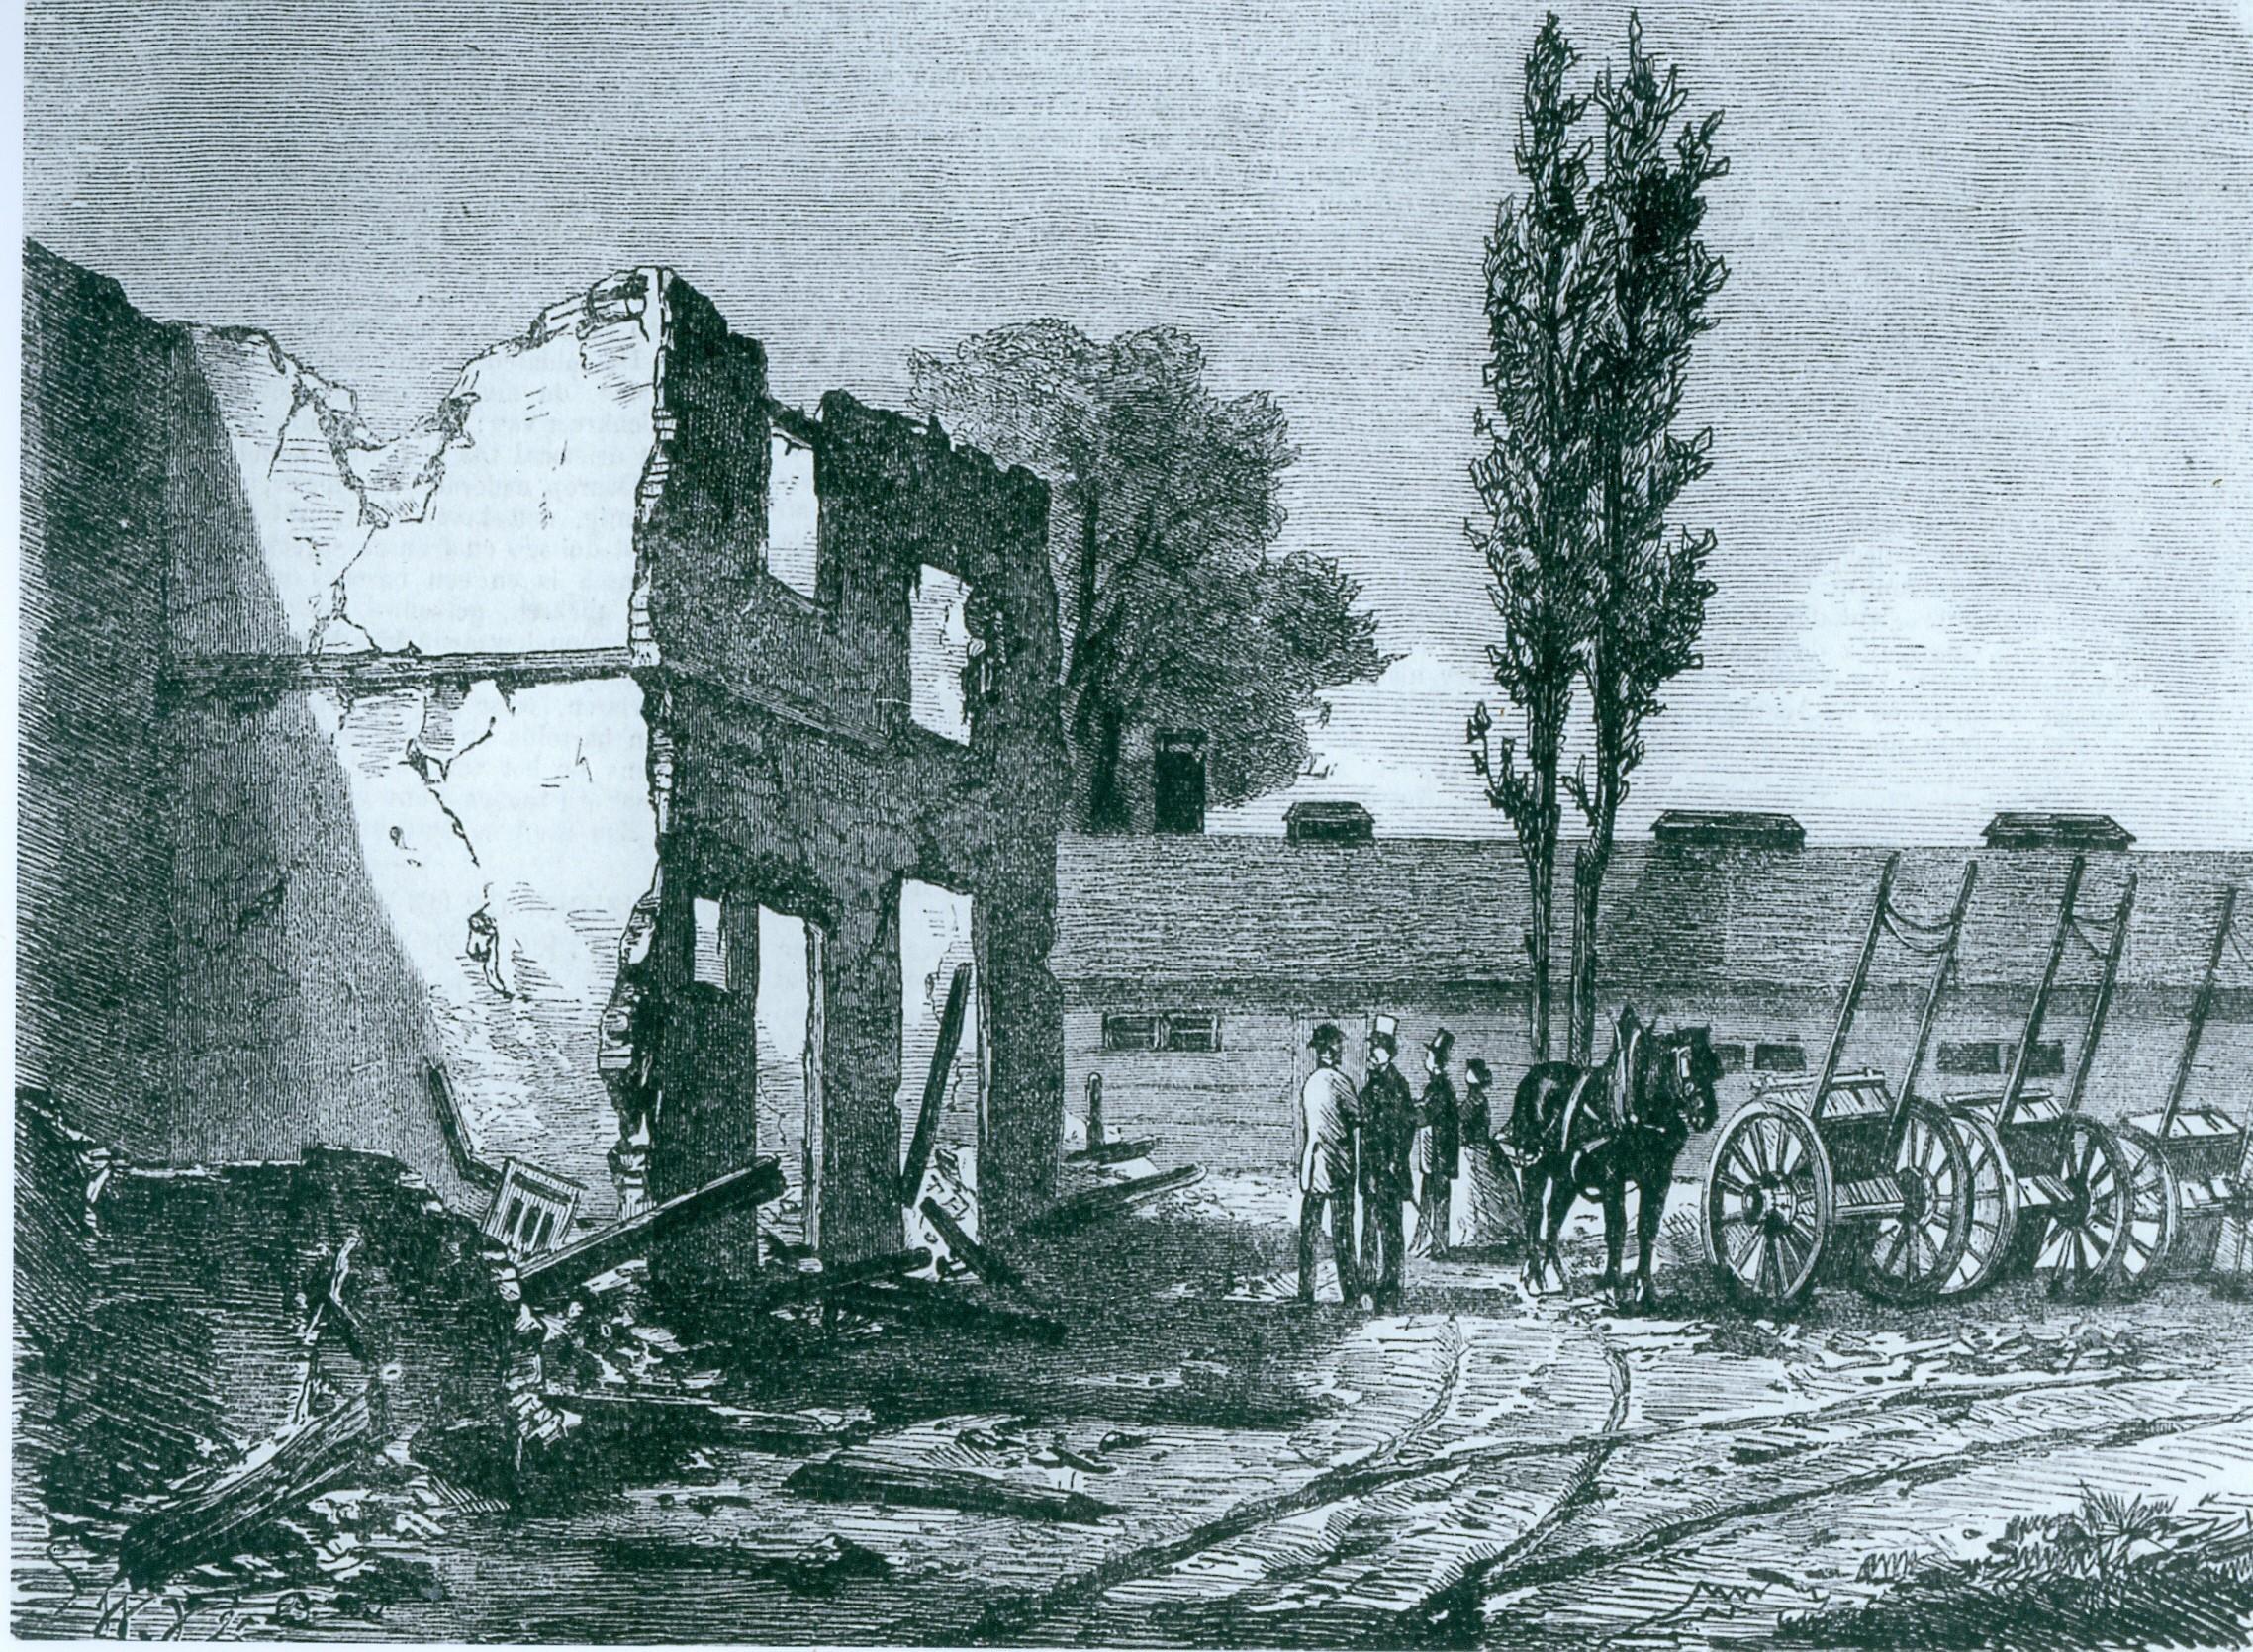 Jan Morren uit Velserbroek herschrijft geschiedenis over opstand kanaalarbeiders in 1866: Villa Wijkeroog was niet het huis dat afbrandde